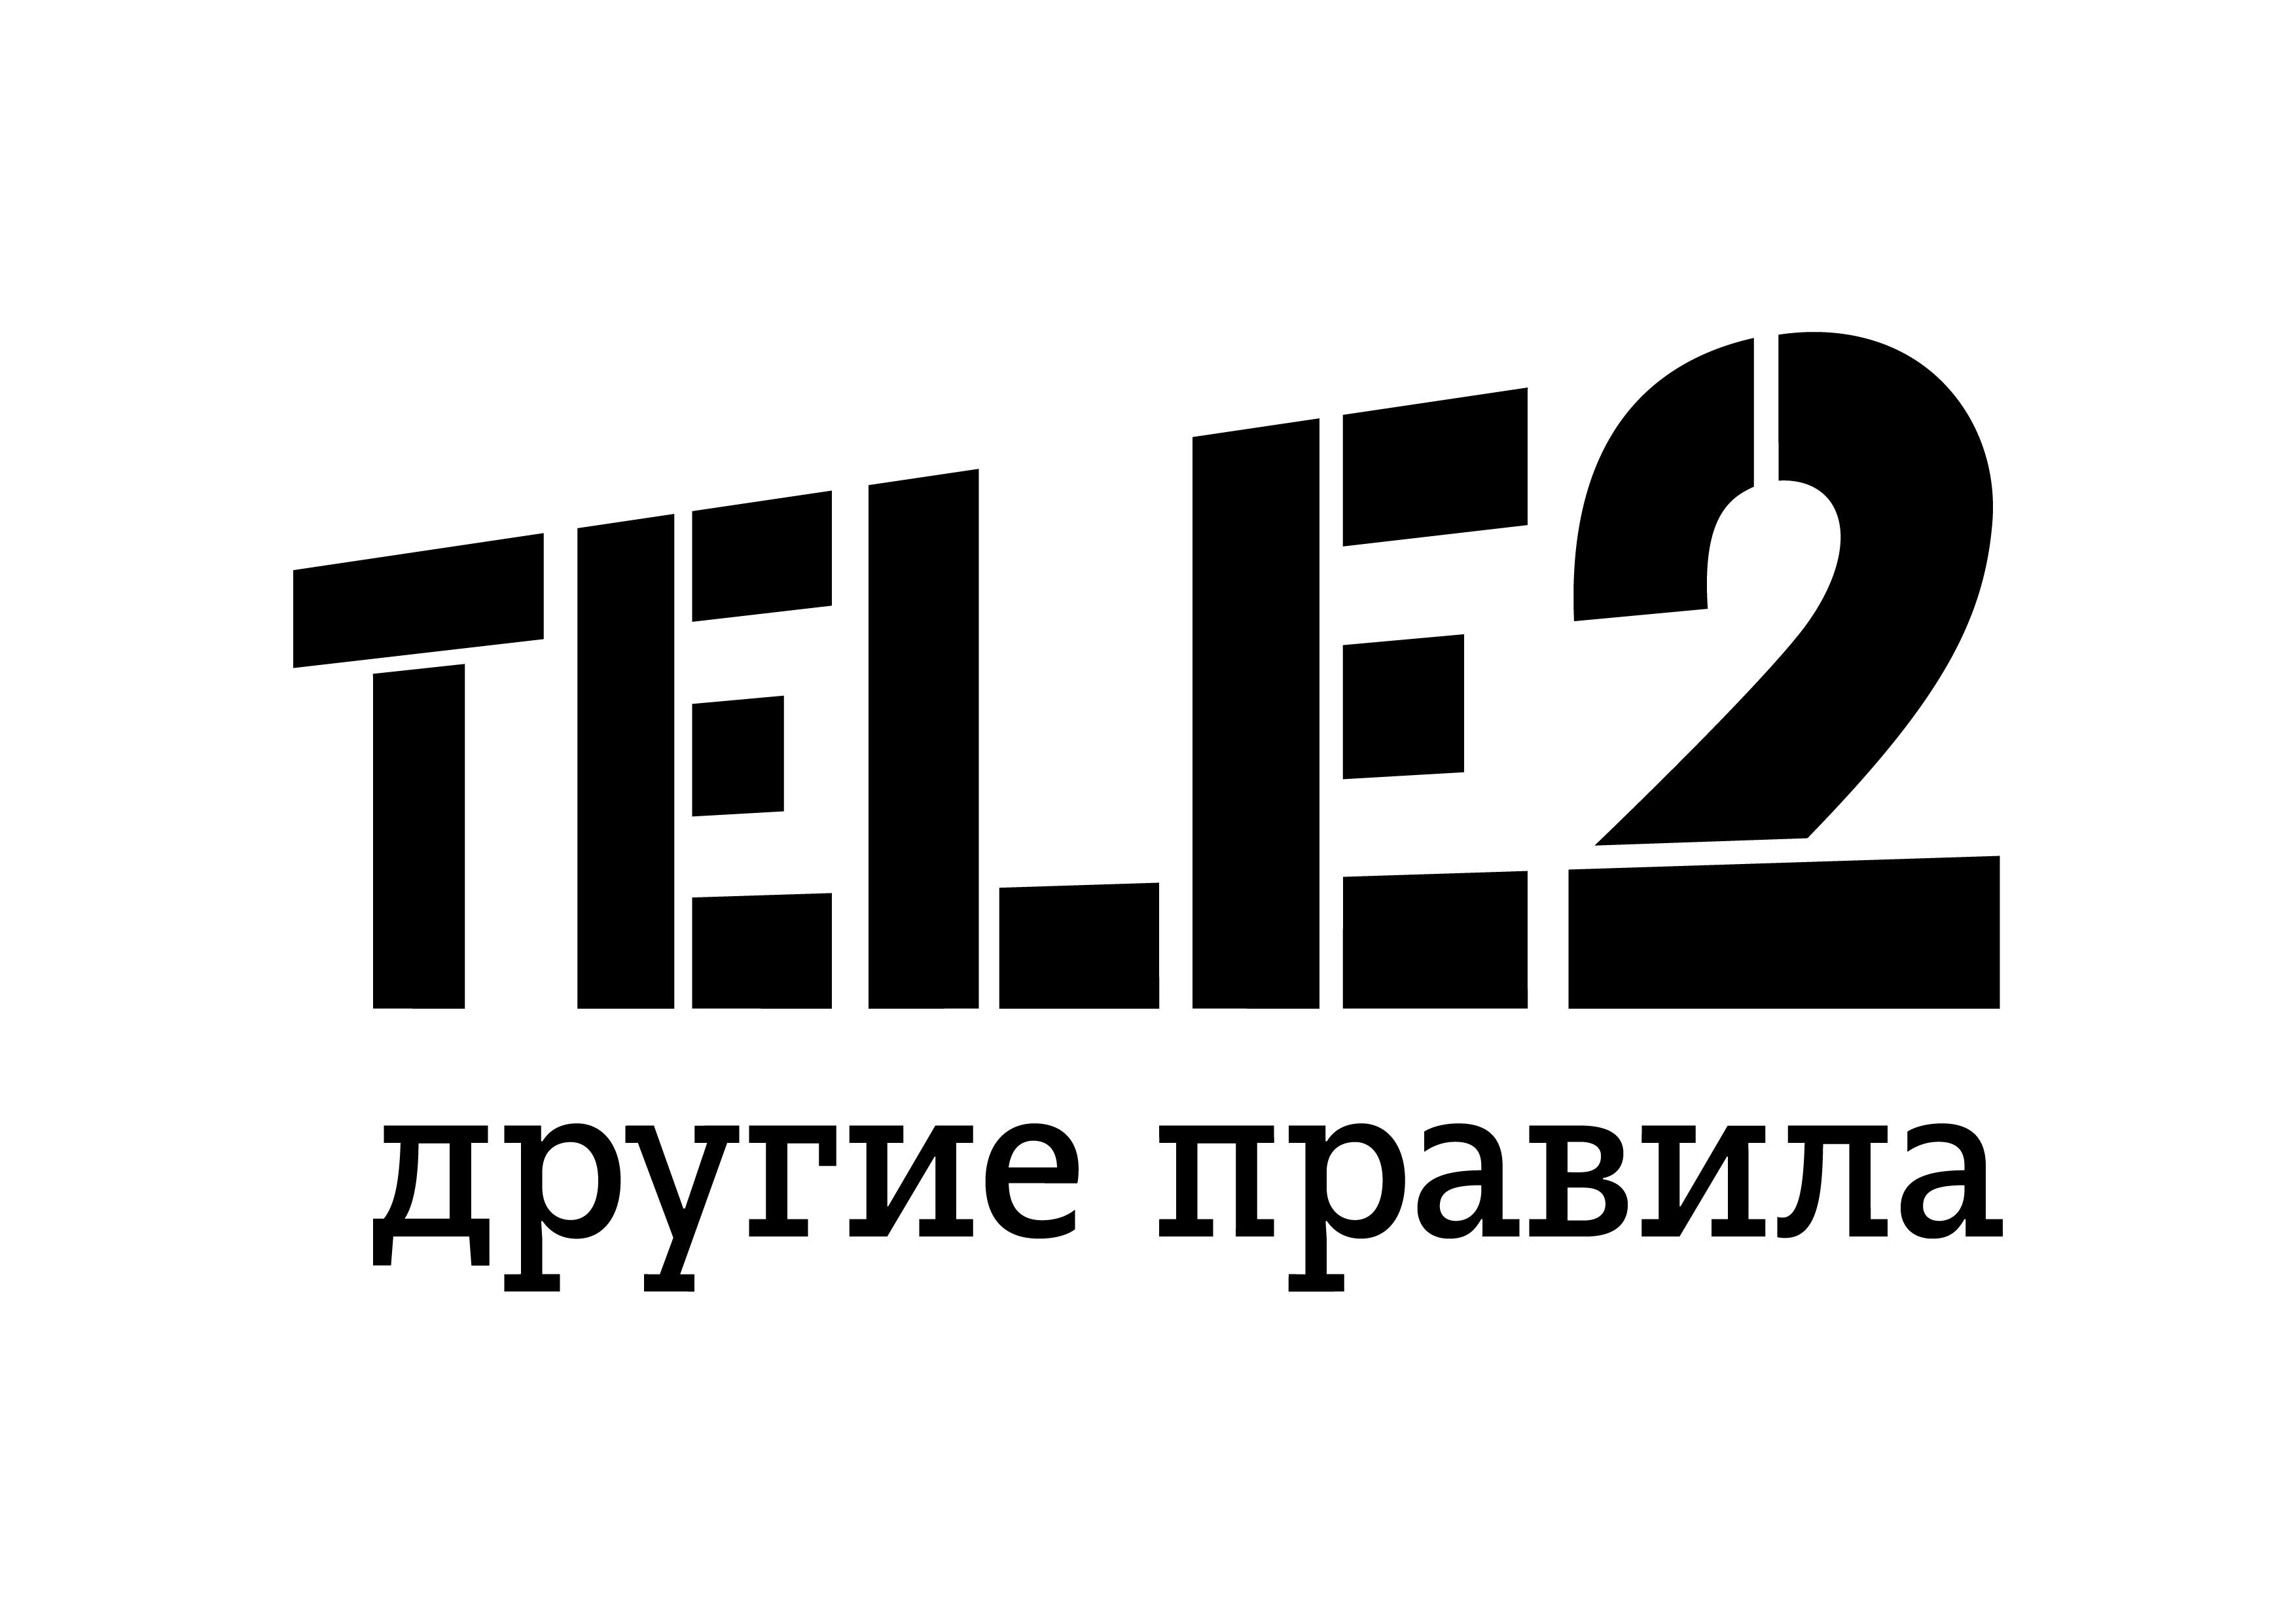 Tele2 покрыла сетью в Москве объекты площадью более 1 млн кв. м 1